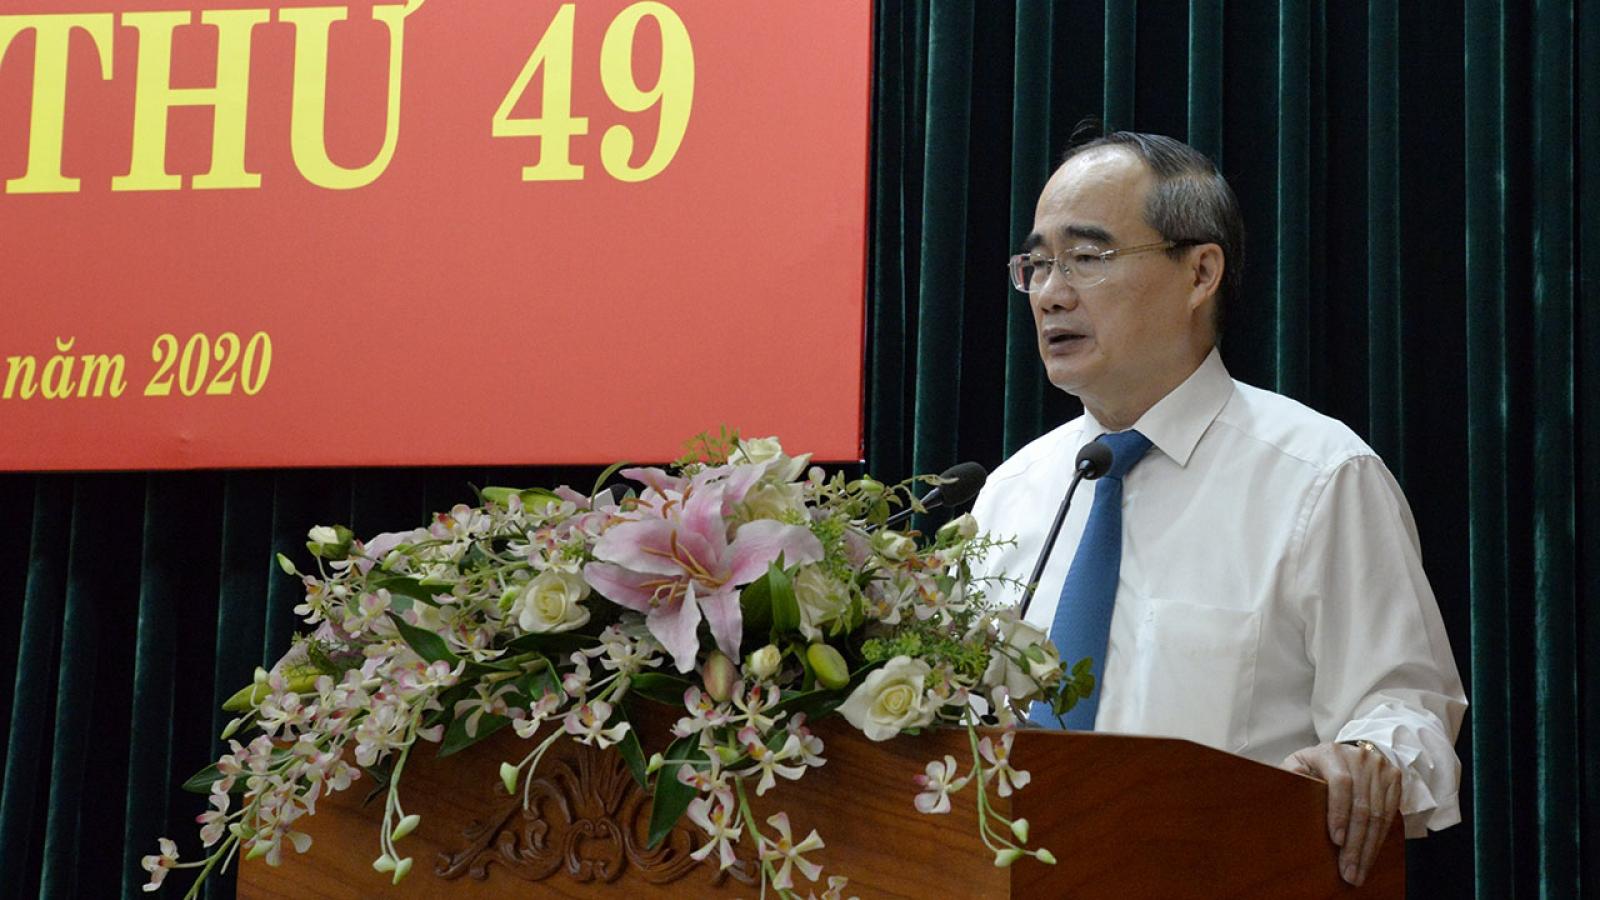 """Bí thư Thành ủy Nguyễn Thiện Nhân: """"Lãnh đạo phải thực tế, nhìn thẳng vào khó khăn"""""""